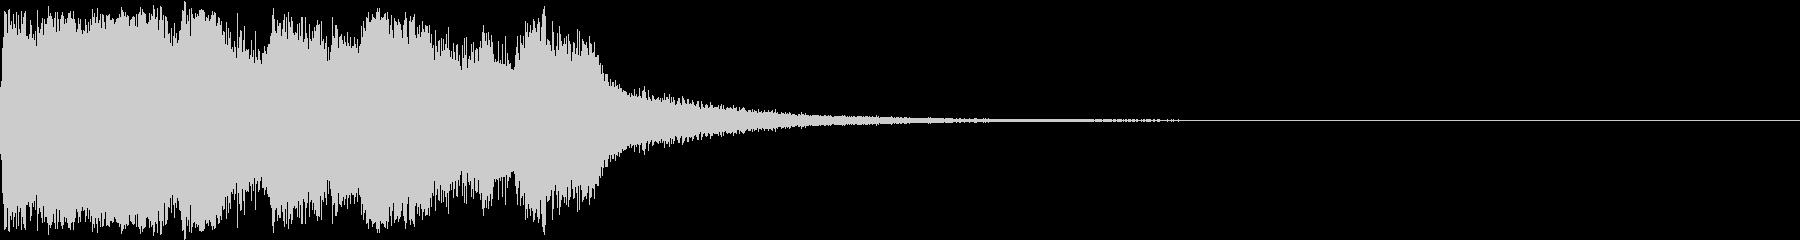 ファンファーレ 当たり 正解 合格 02の未再生の波形